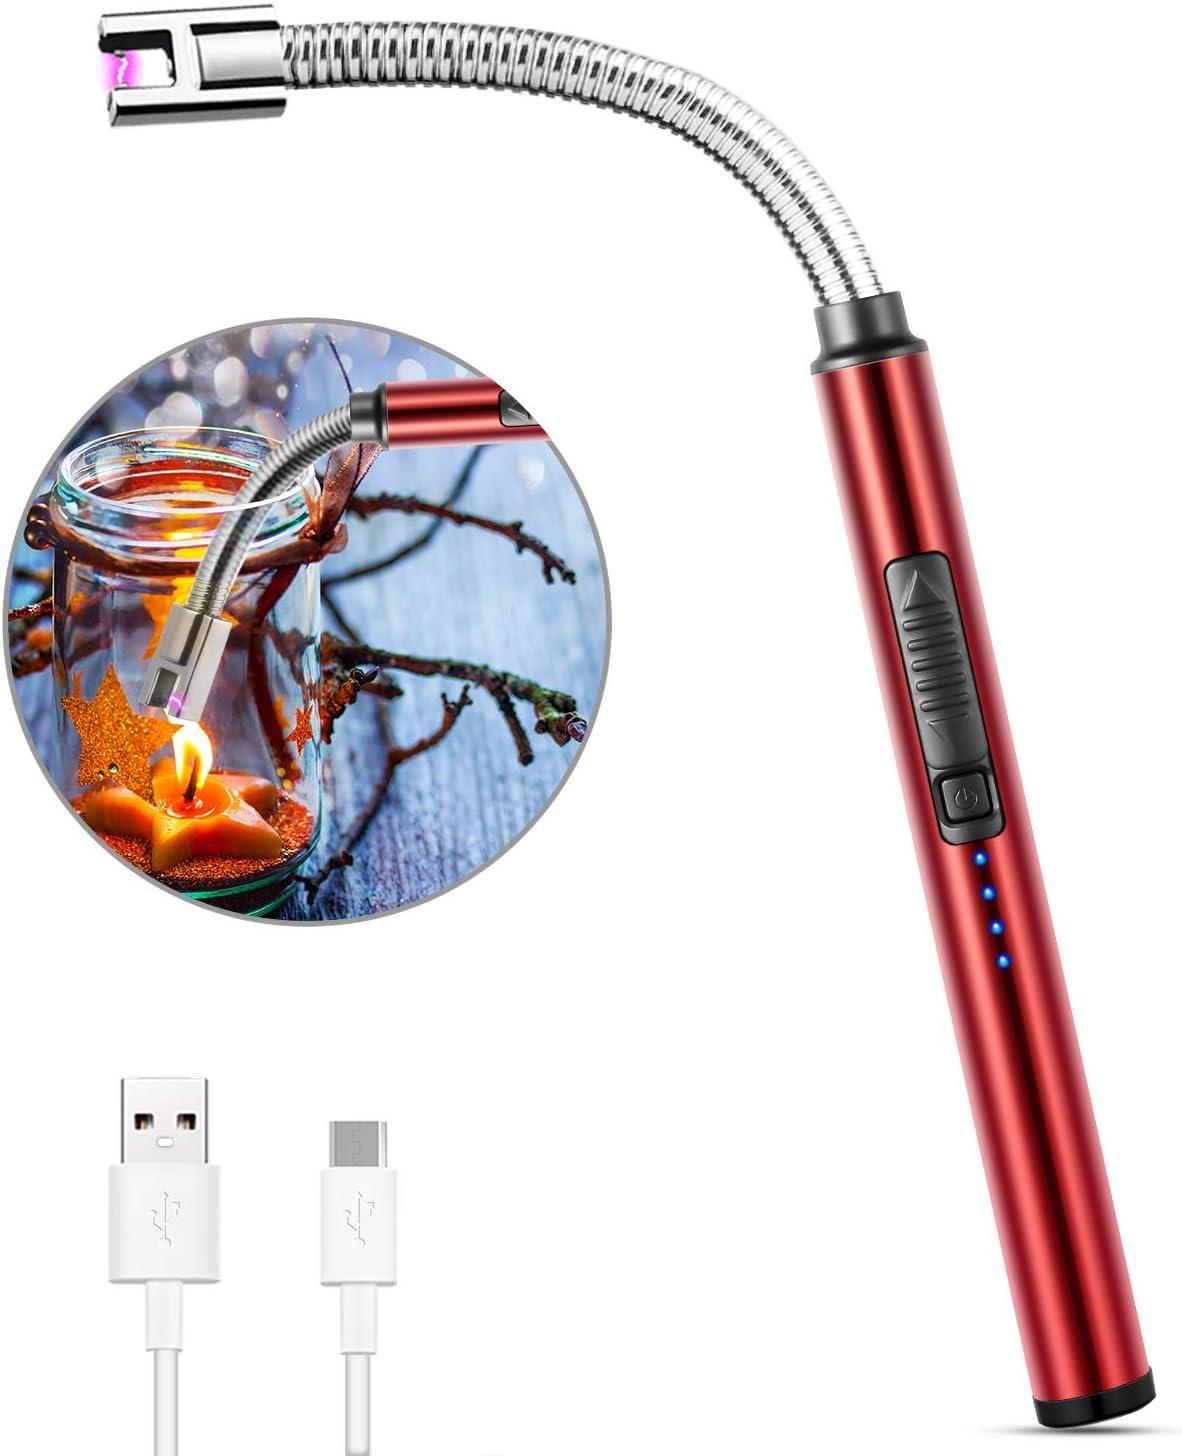 MOSUO Encendedor Electrico, Mechero de Arco Electrico USB Recargable, Cuello Largo 360° Flexible Sin Llama ni Olor, Interruptor de Seguridad, para Cocina Barbacoa Velas Fuegos Artificiales, Rojo